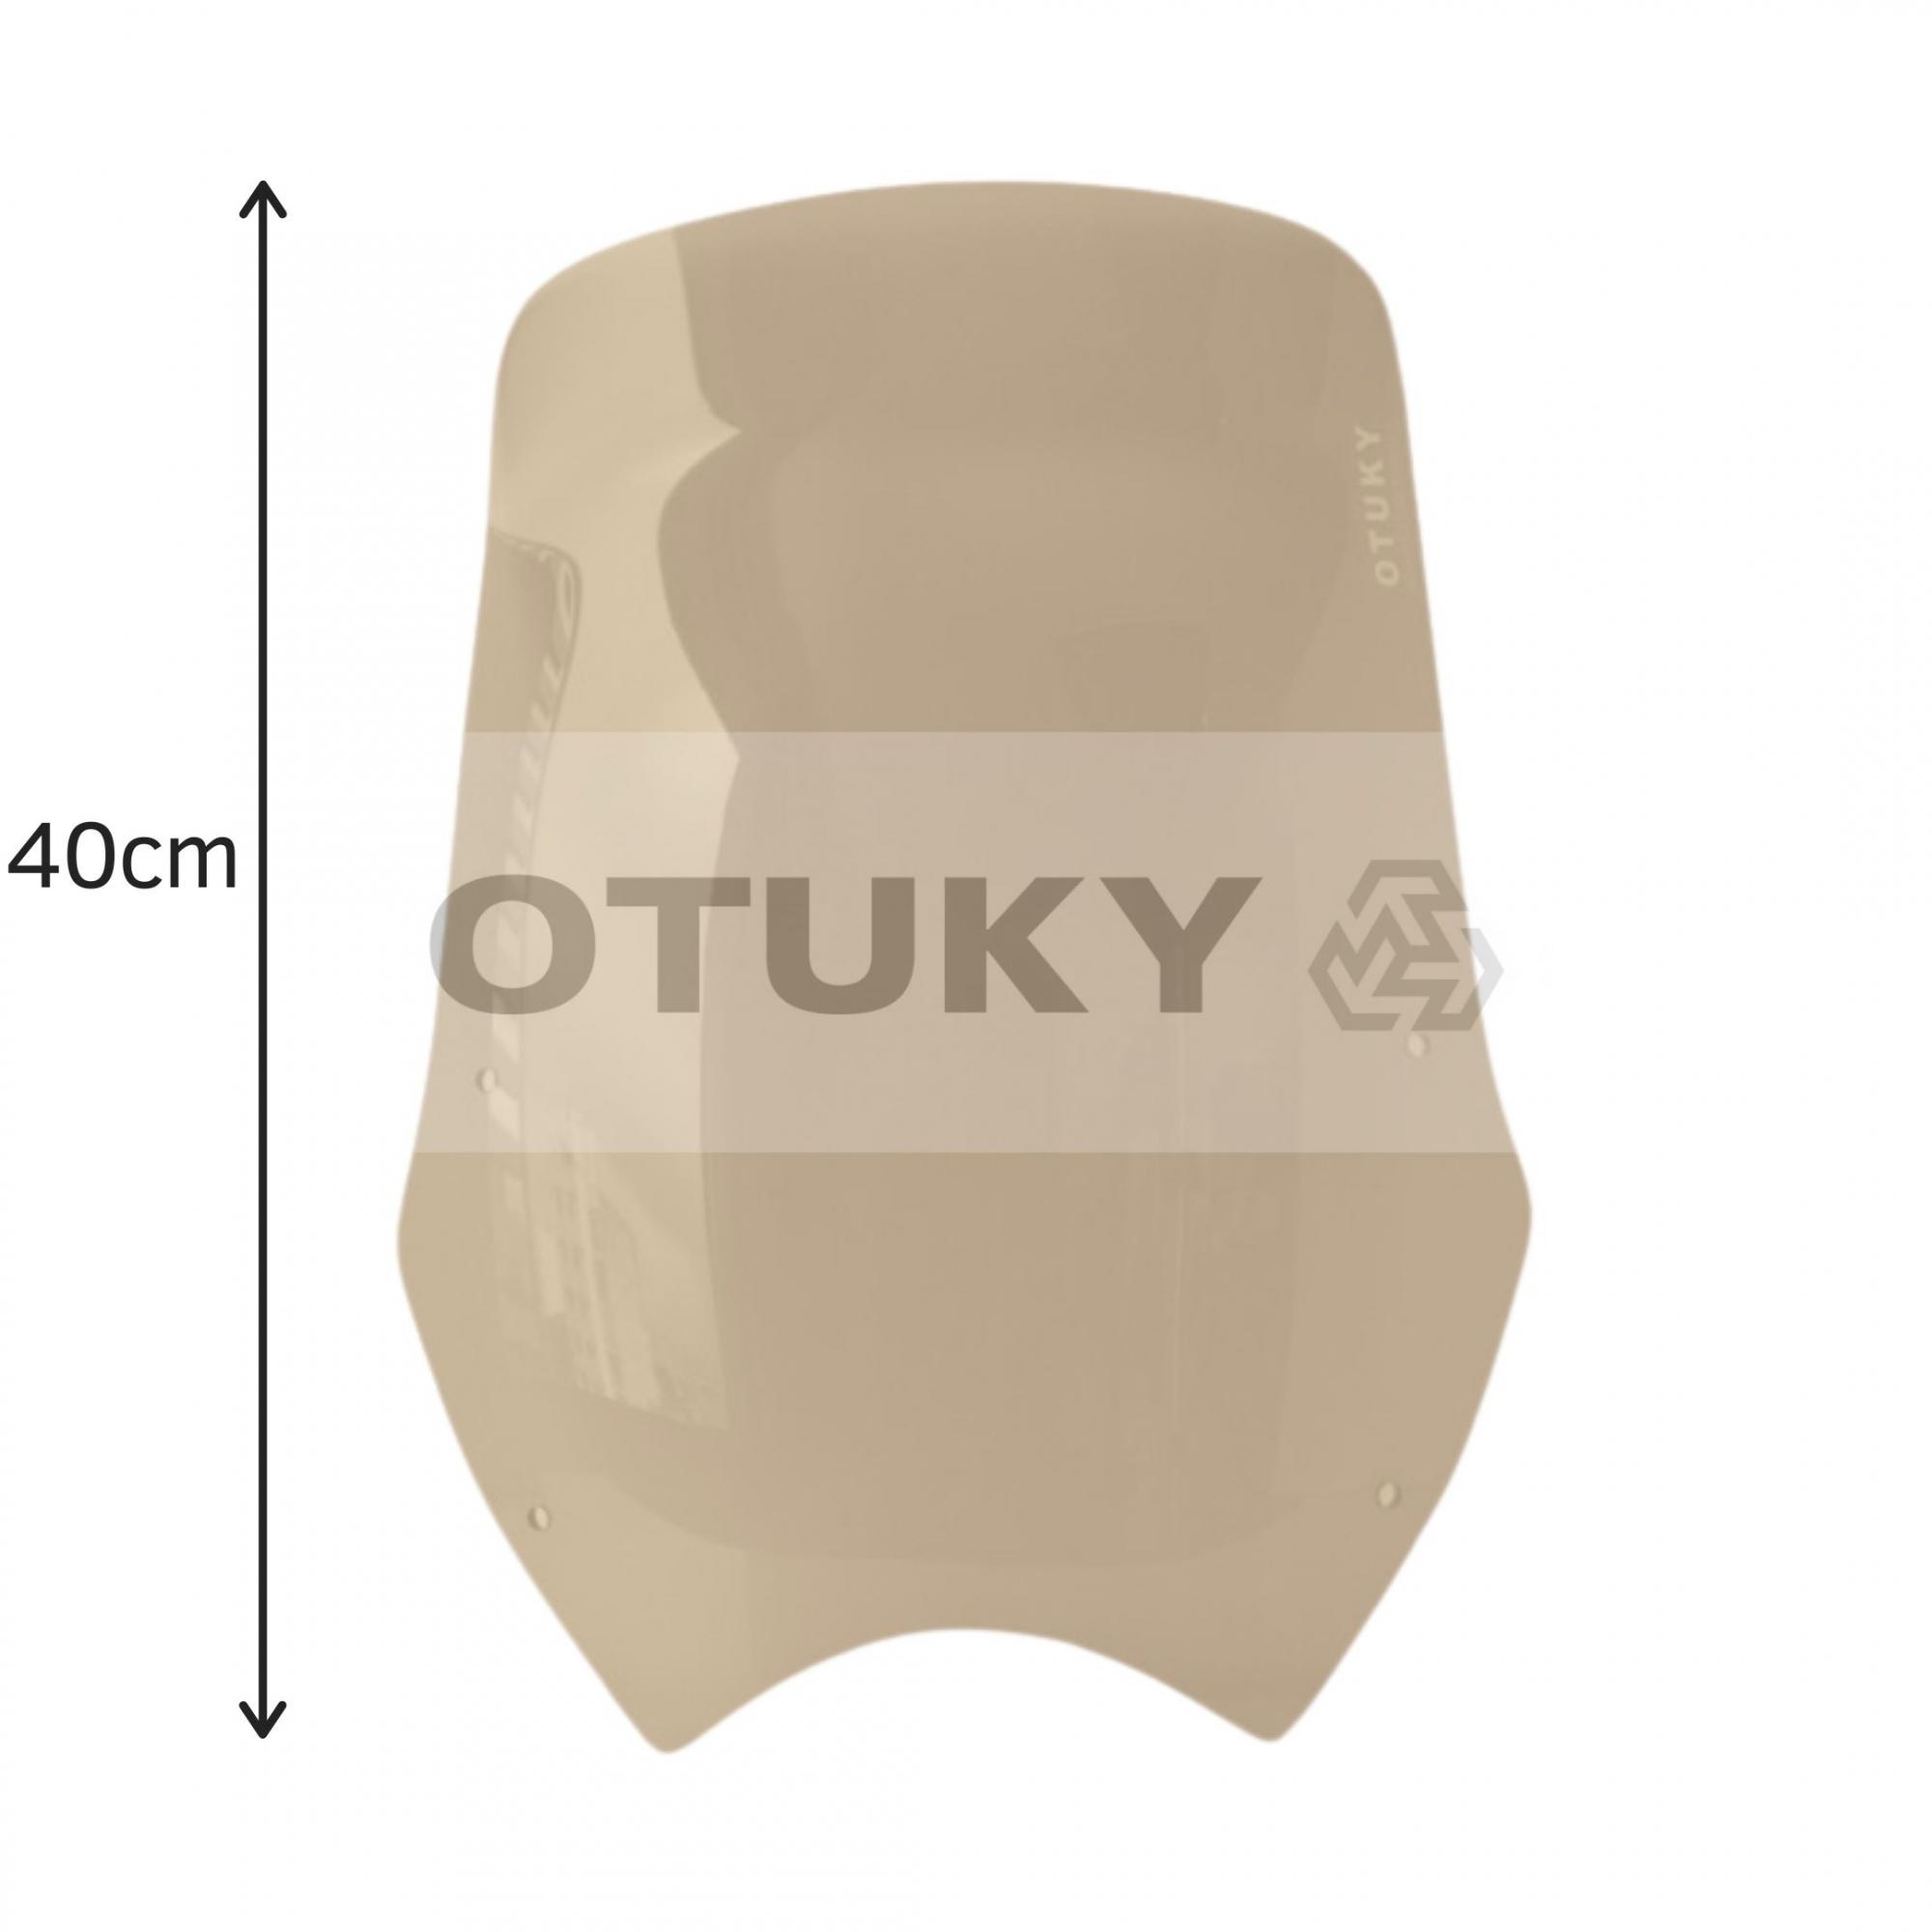 Bolha para Moto Transalp XL 700 V Otuky Alongada Fume Marrom